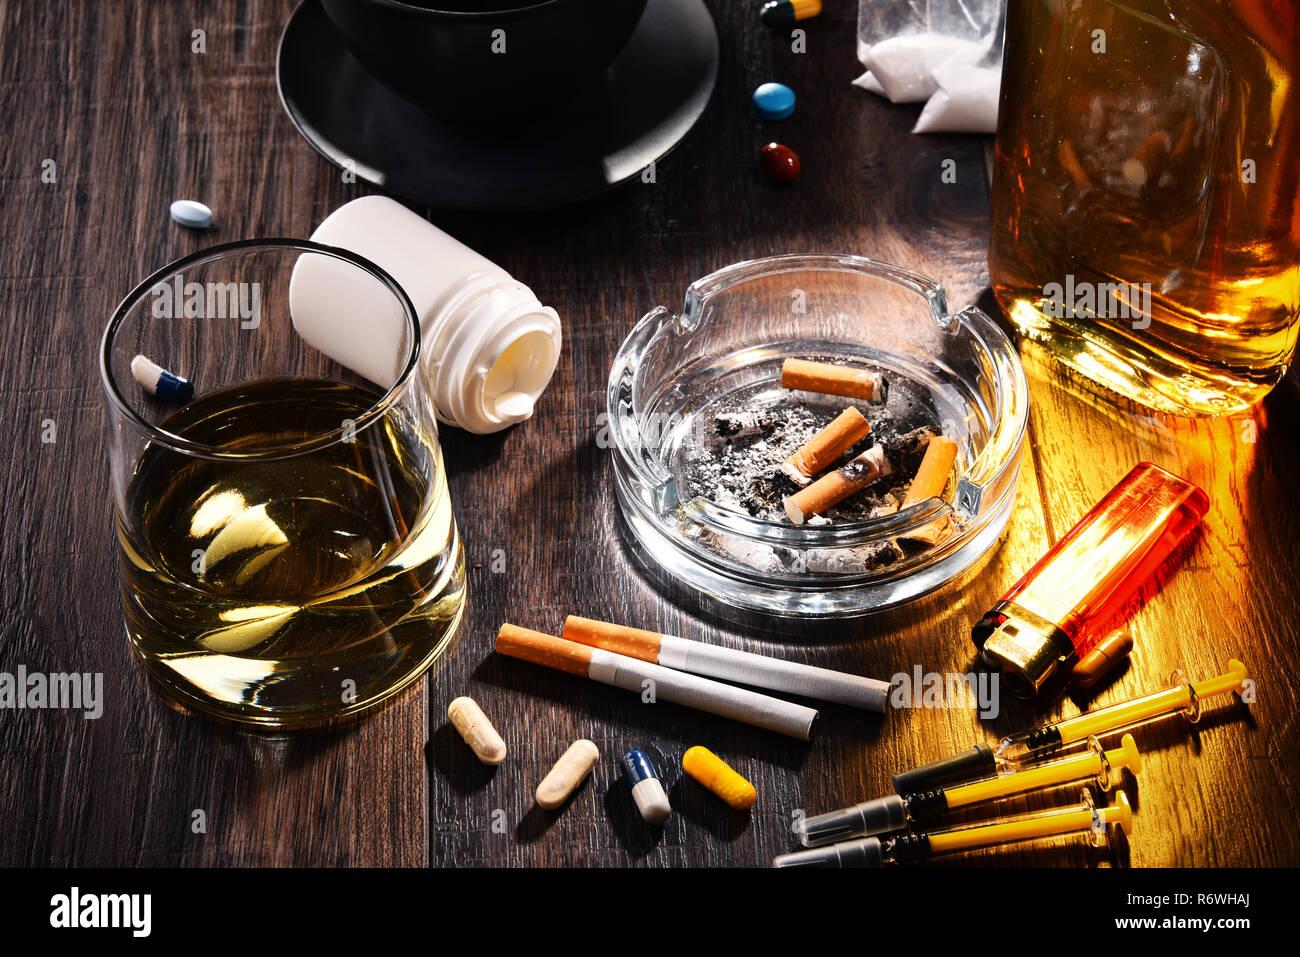 Süchtig machenden Substanzen einschließlich Alkohol ...